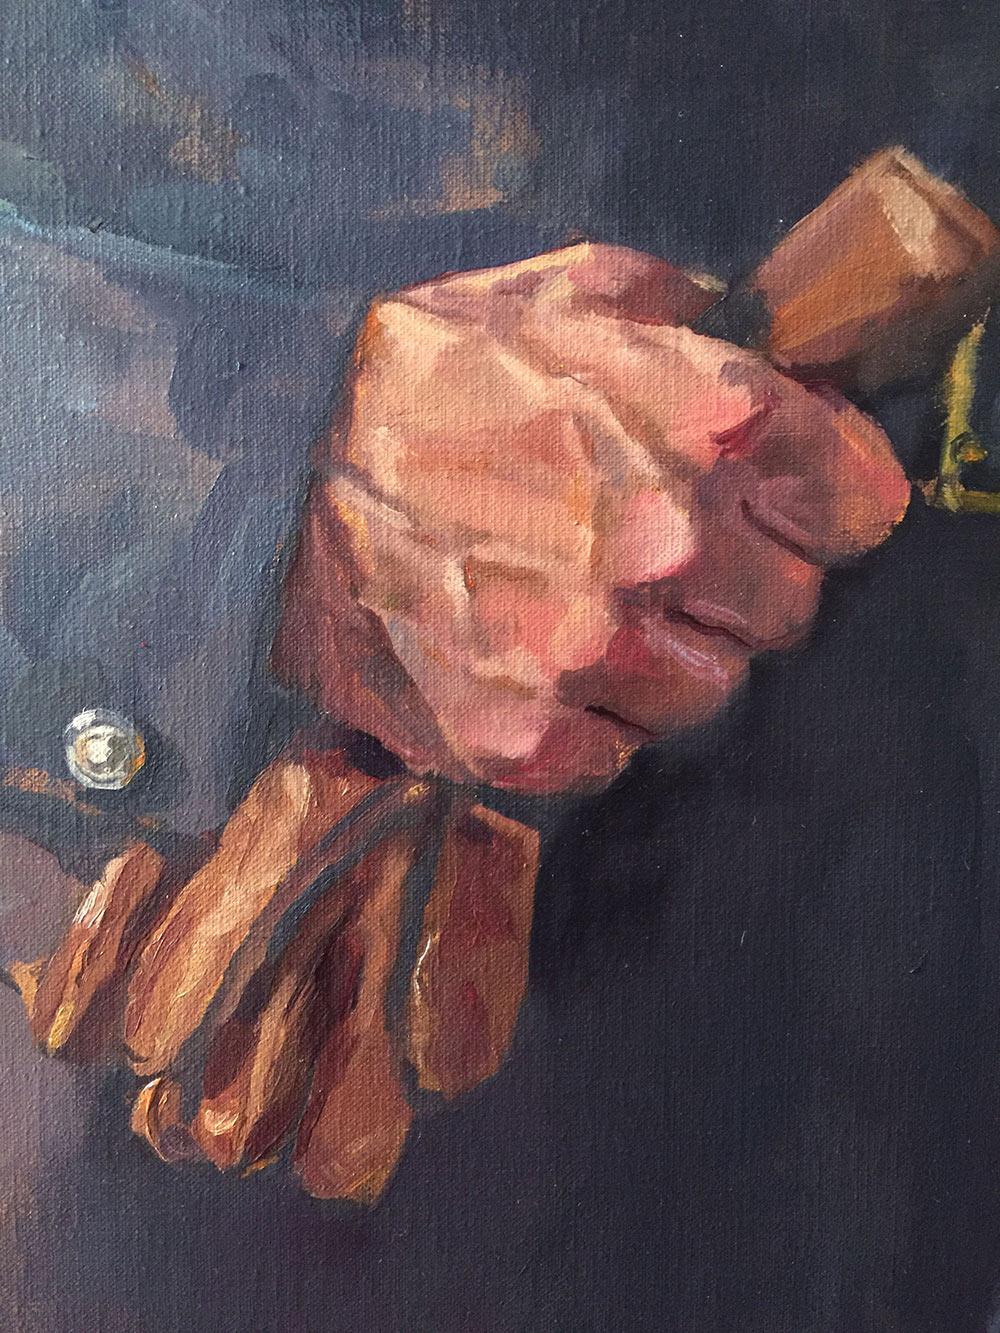 de-laszlo-gloves.jpg